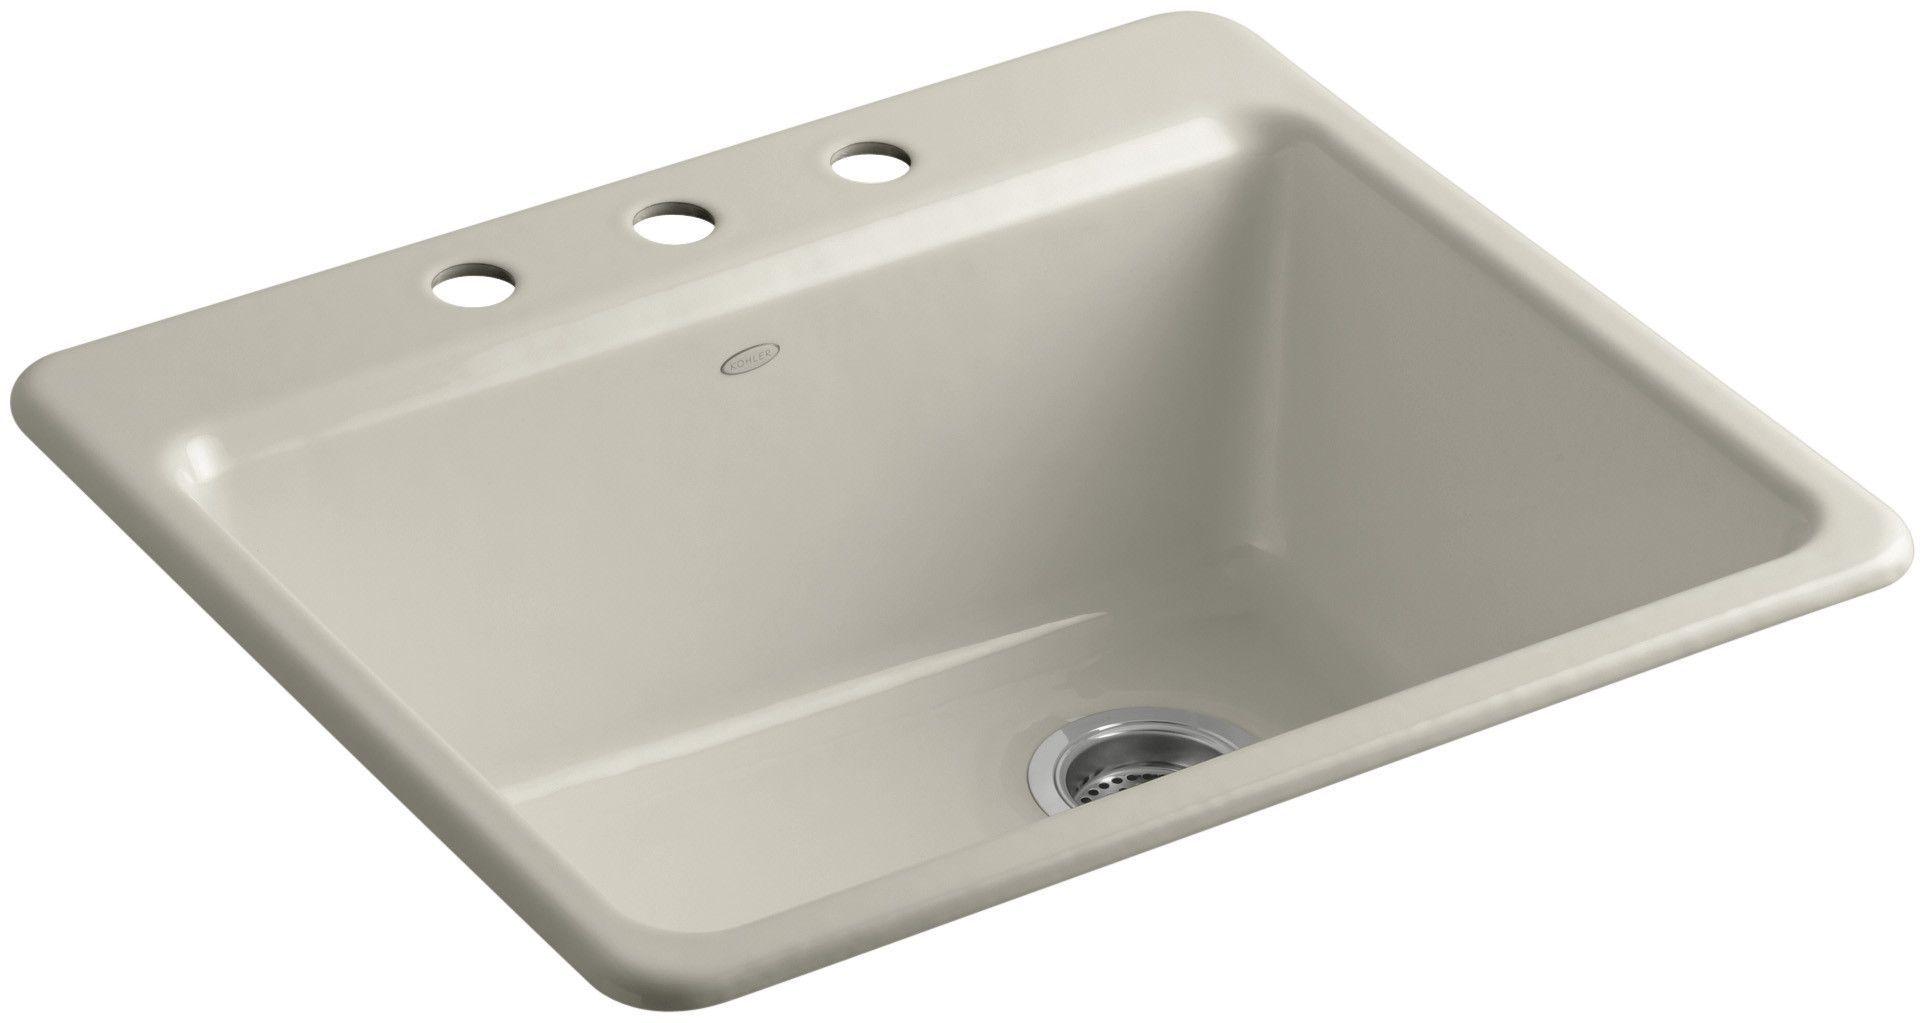 Riverby 25 L X 22 W X 9 5 8 Top Mount Single Bowl Kitchen Sink